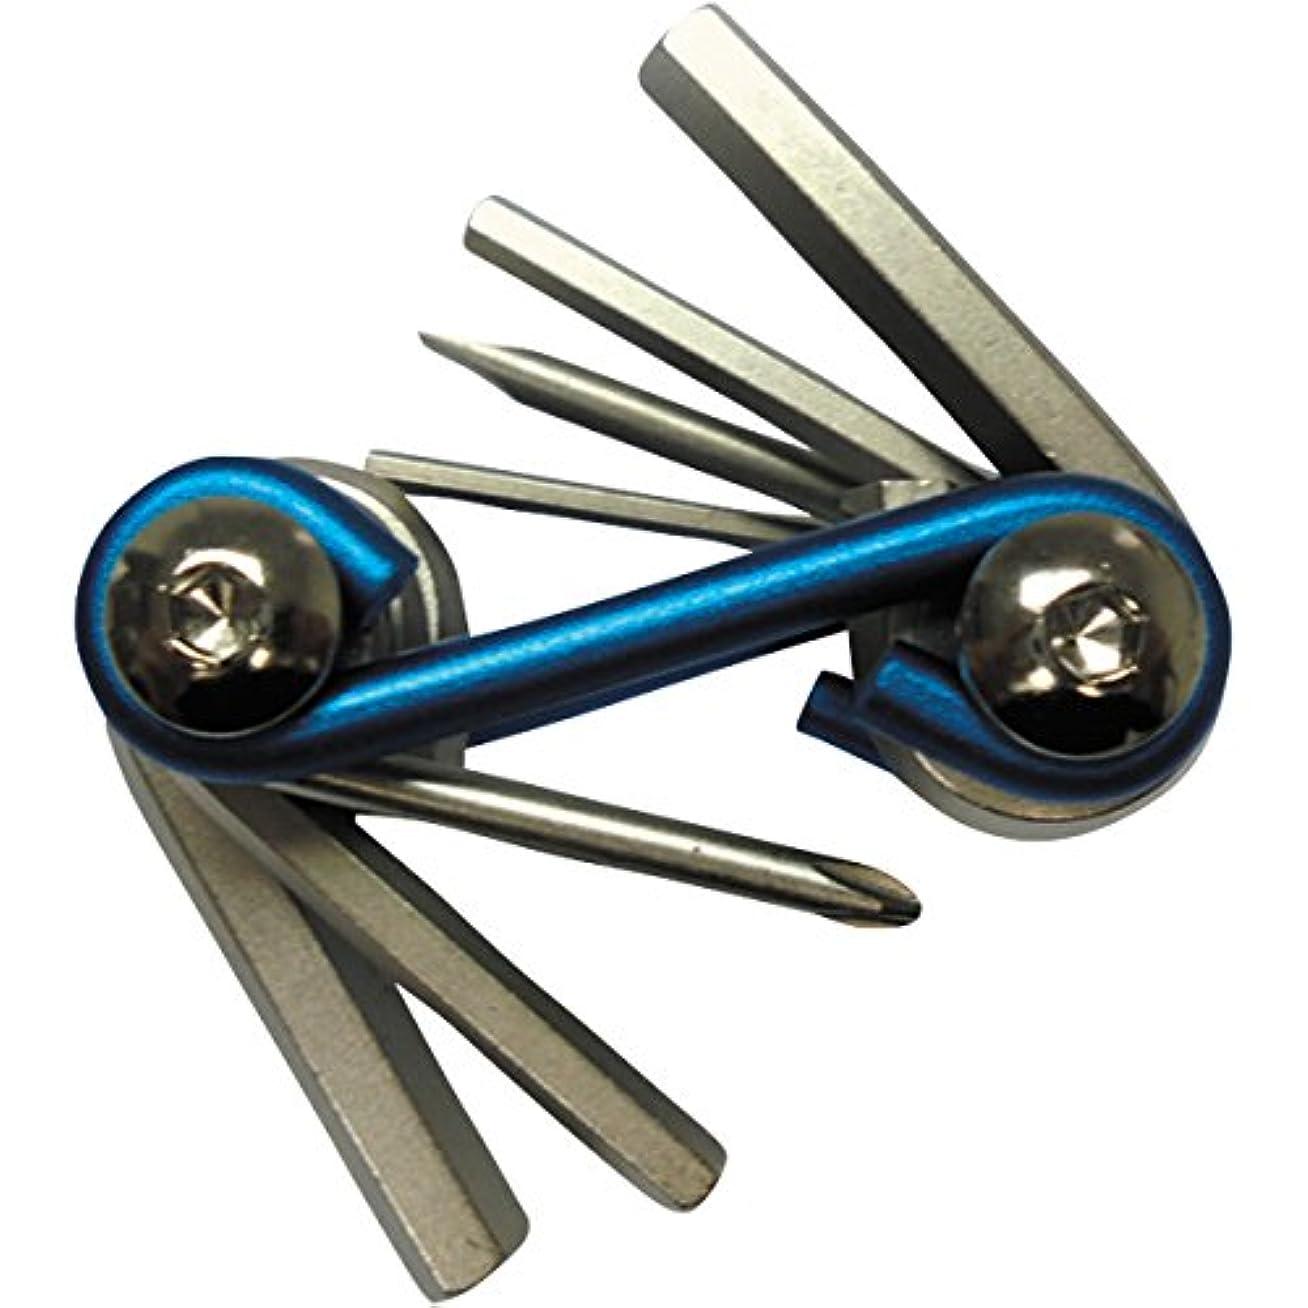 ヒステリック短くするそこからCYCLE PRO(サイクルプロ) ツール ミニハンディーツール 7in1 ブルー 200g アルミアーム ヘキサゴン トルクス ドライバー コンパクト 7ファンクション CP-TL11FS